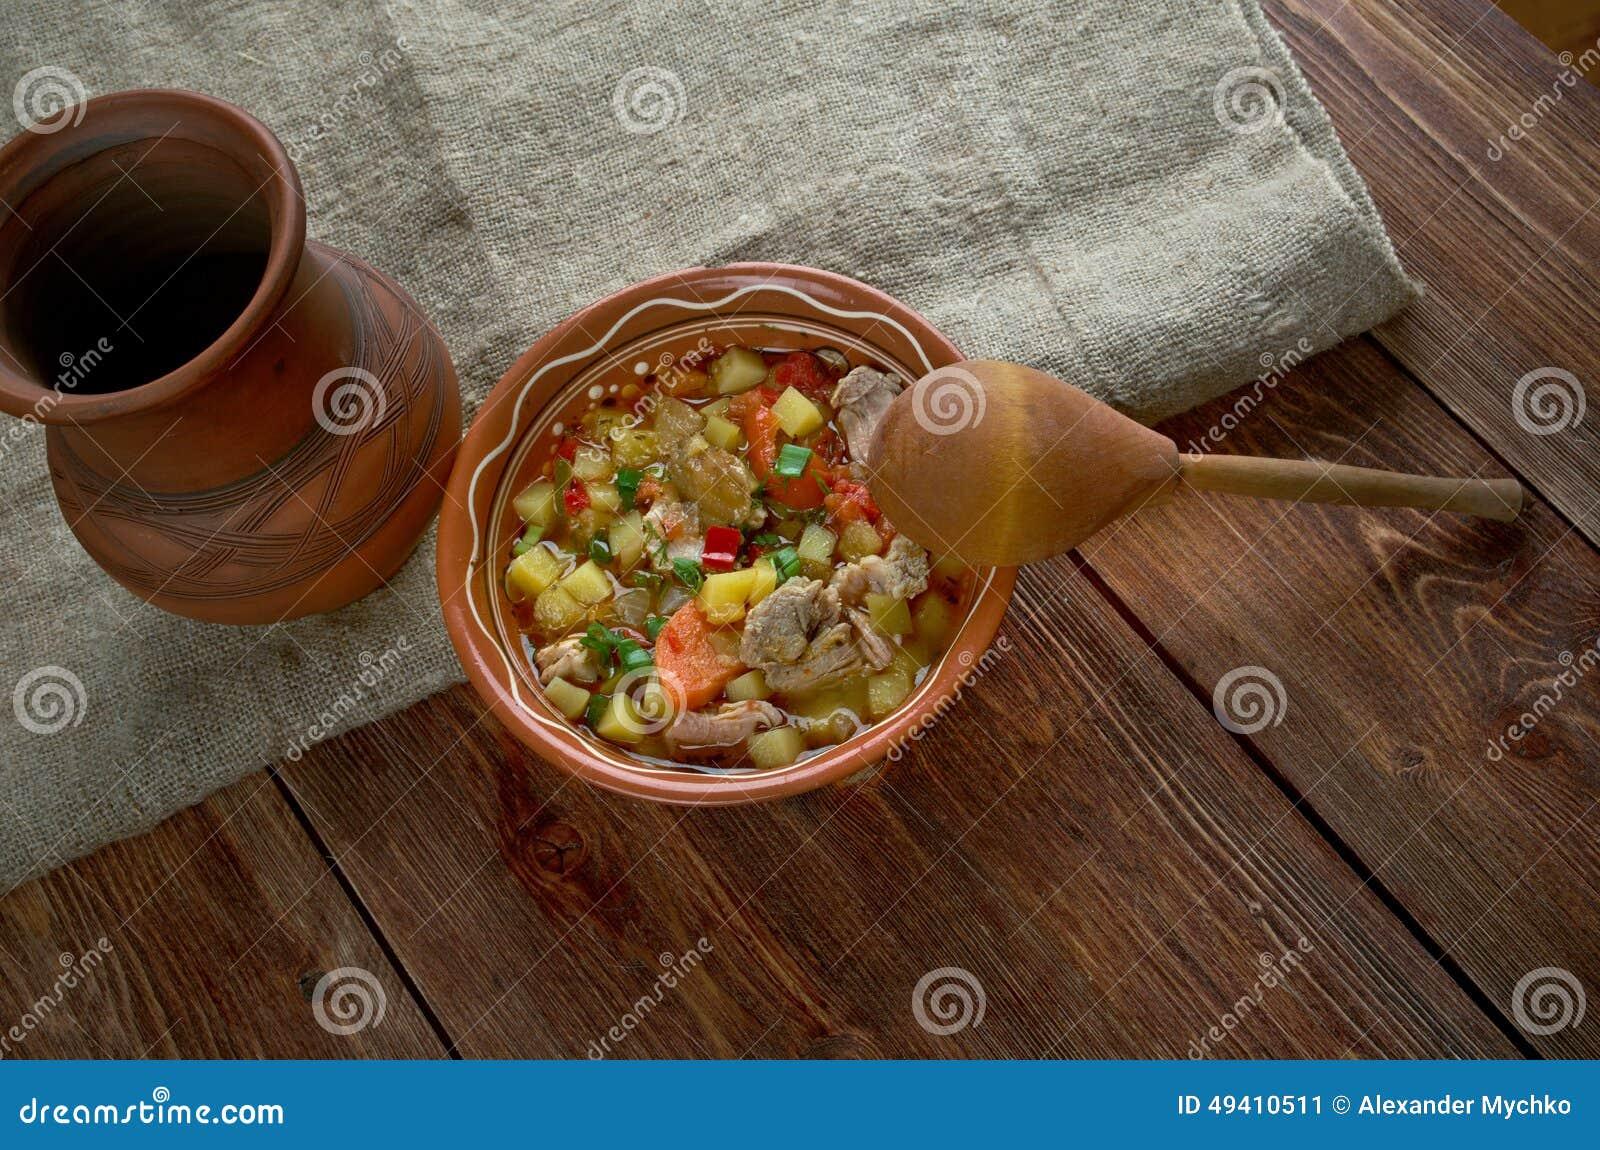 Download Pottage stockbild. Bild von karotte, kartoffel, großbritannien - 49410511